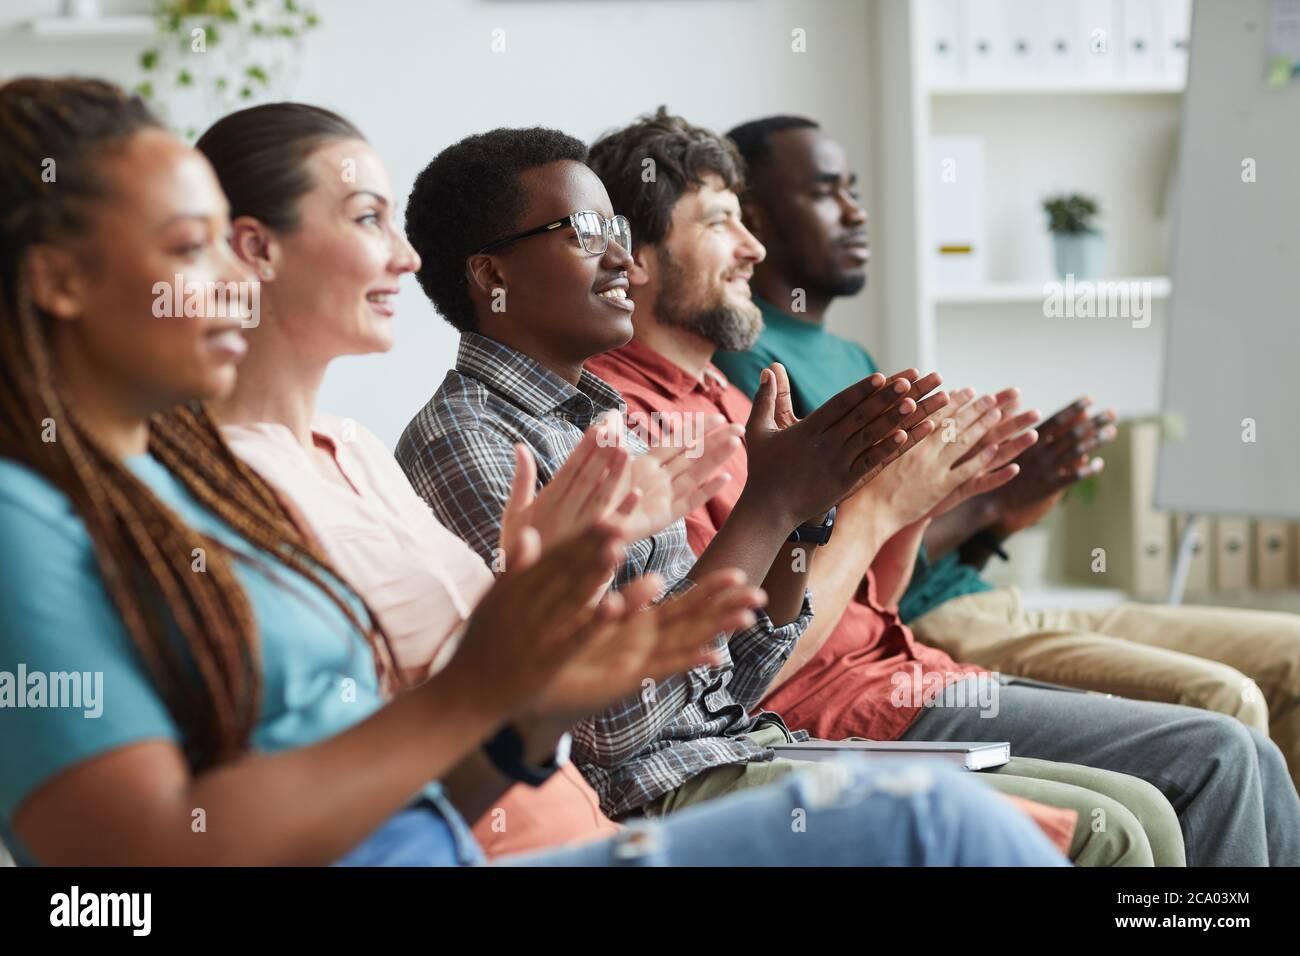 Vista lateral retrato de un grupo multiétnico de personas que aplaude mientras se sienta en fila en la audiencia o sala de conferencias, espacio para copias Foto de stock